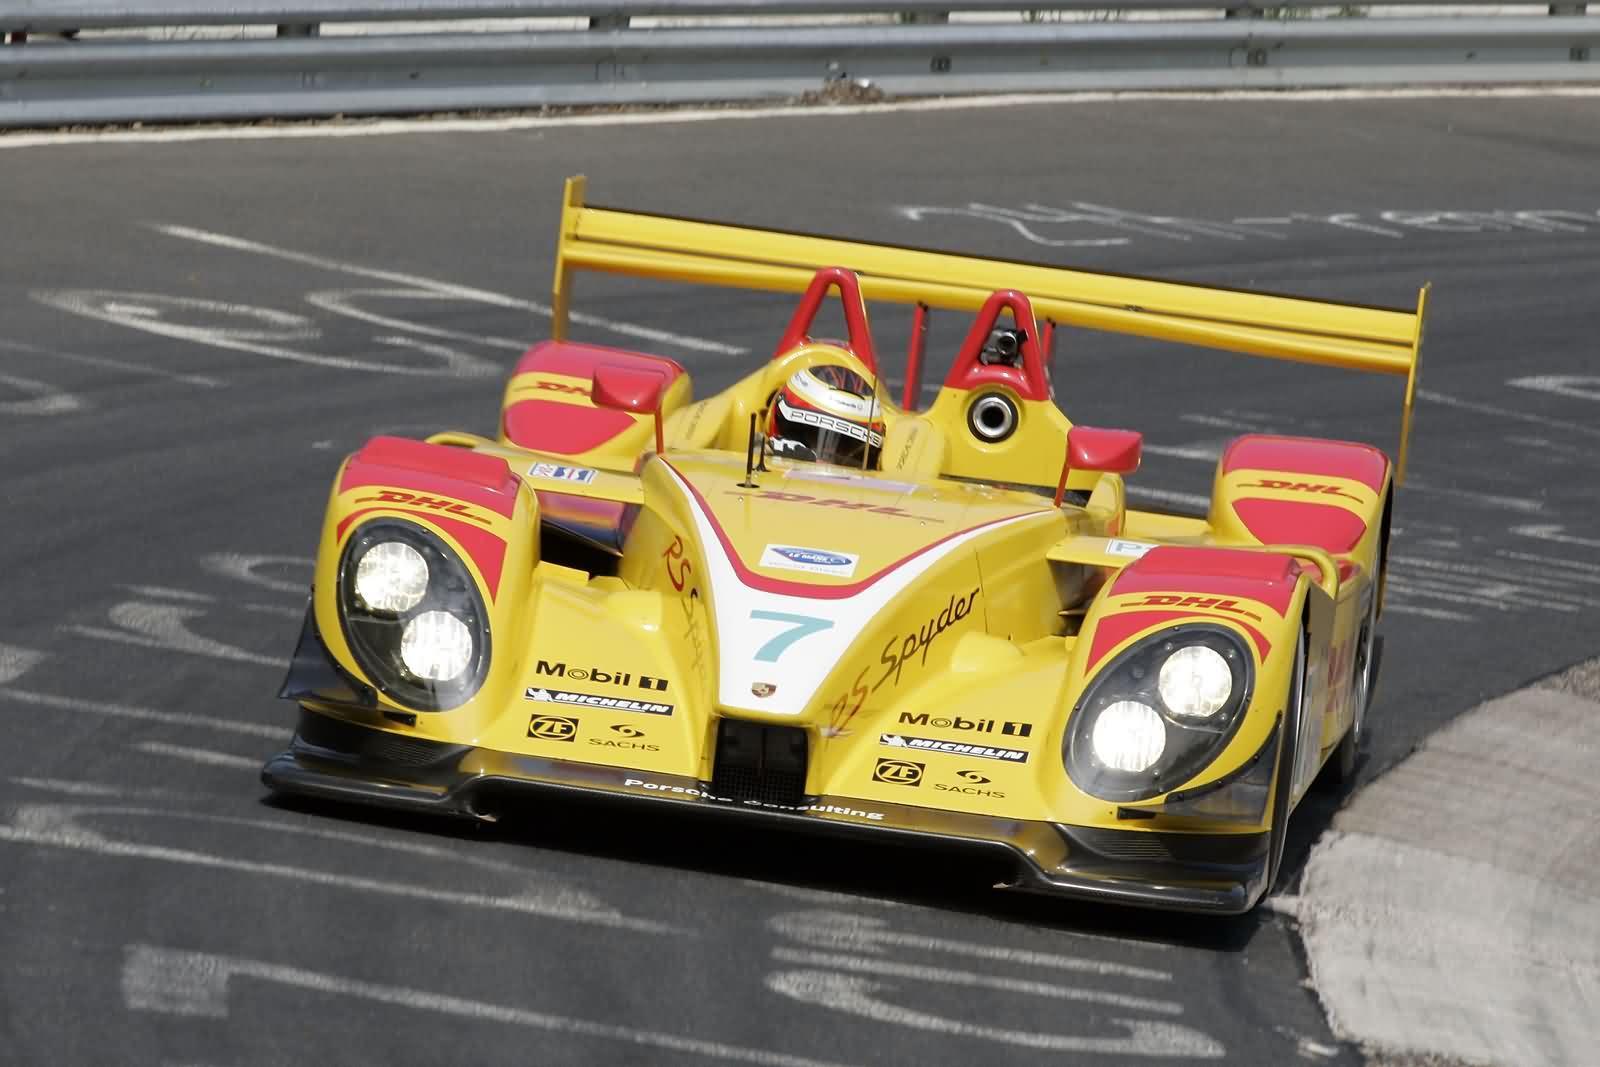 Porsche RS Spyder Modell 2008